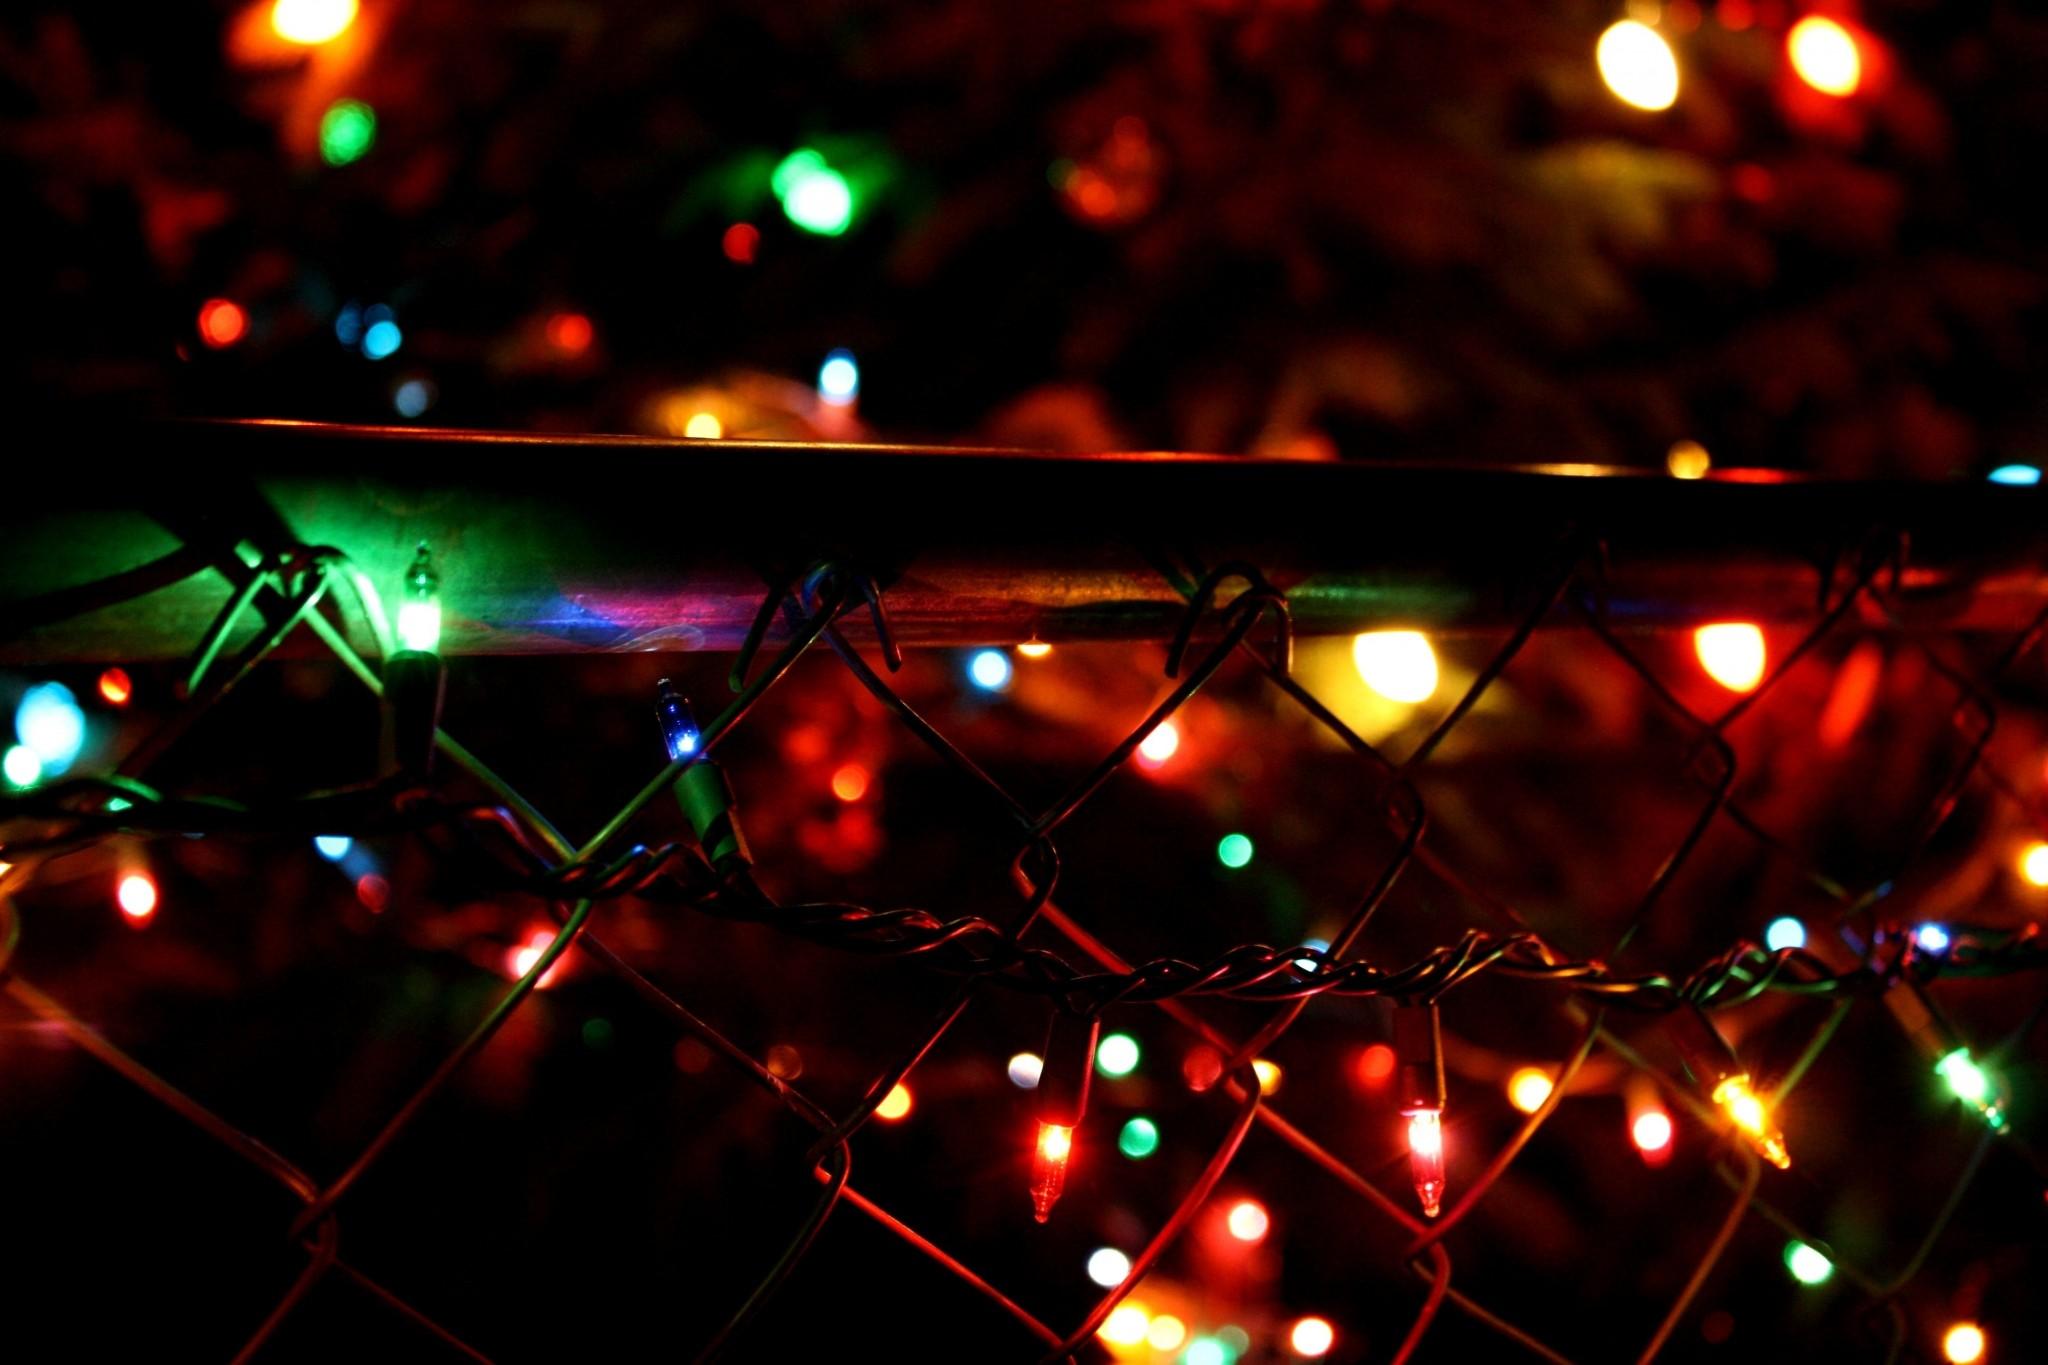 206 2063313 christmas desktop wallpaper hd wallpapers data src chain